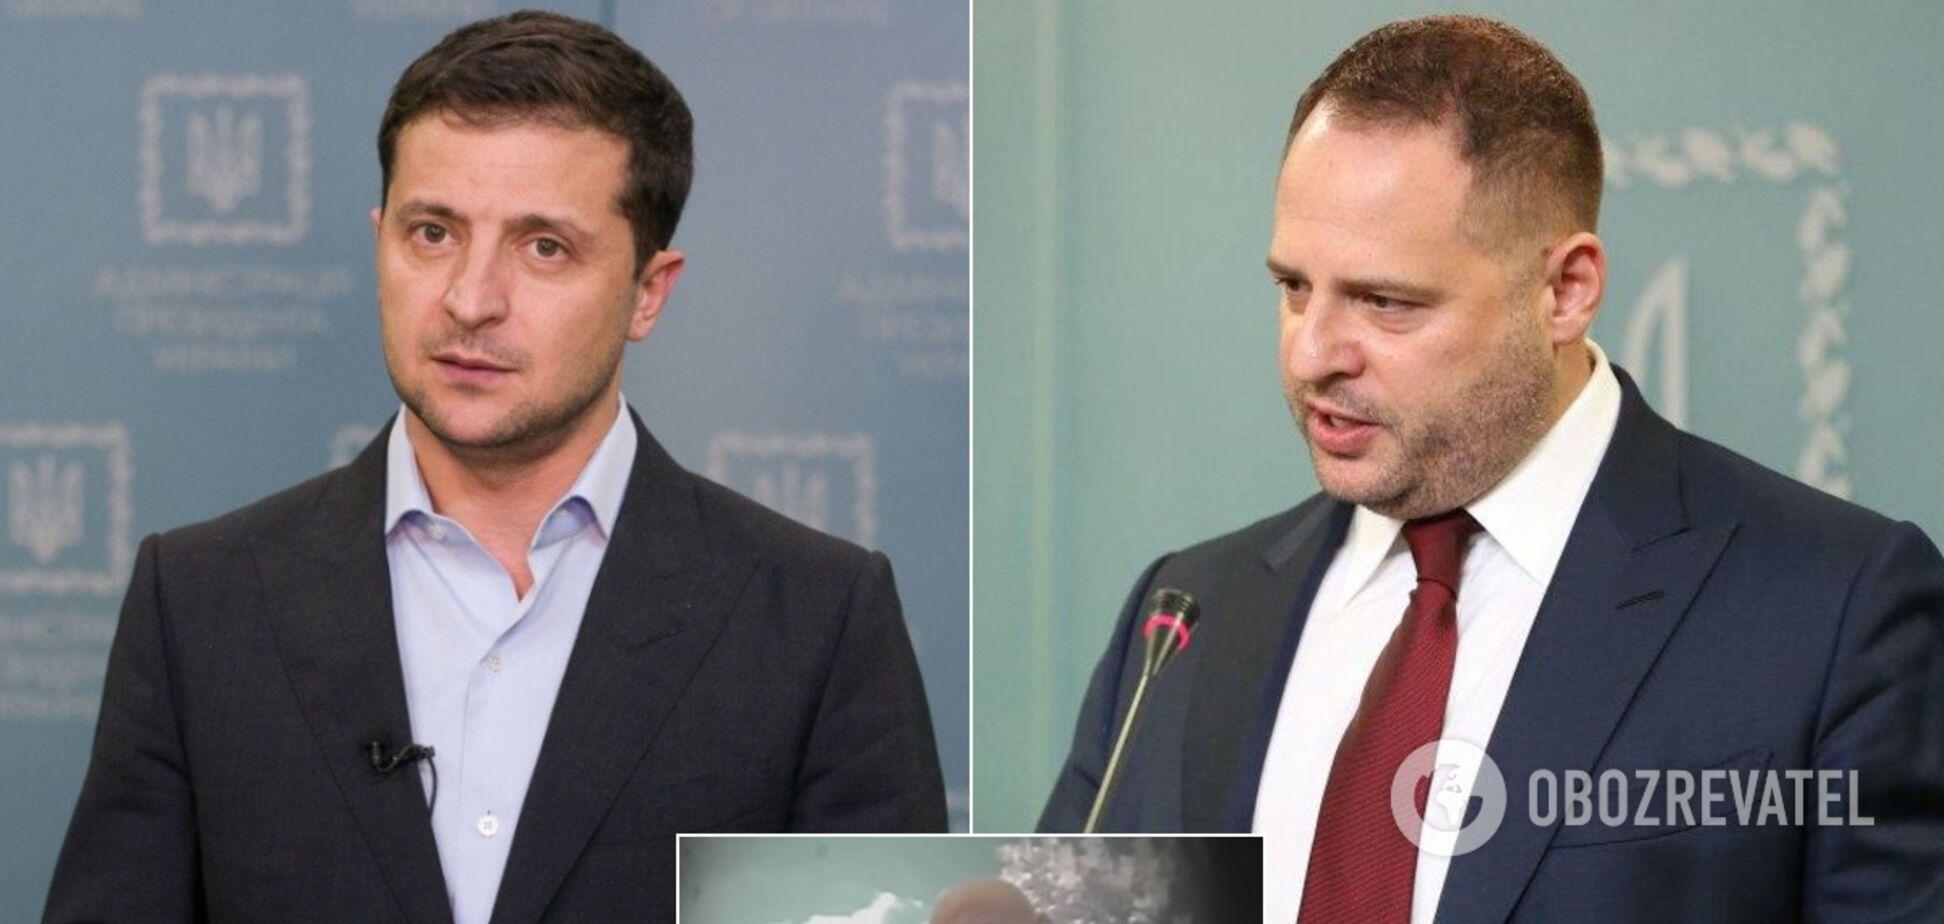 Зеленський дав прочуханки 'слугам' через скандал із Єрмаком